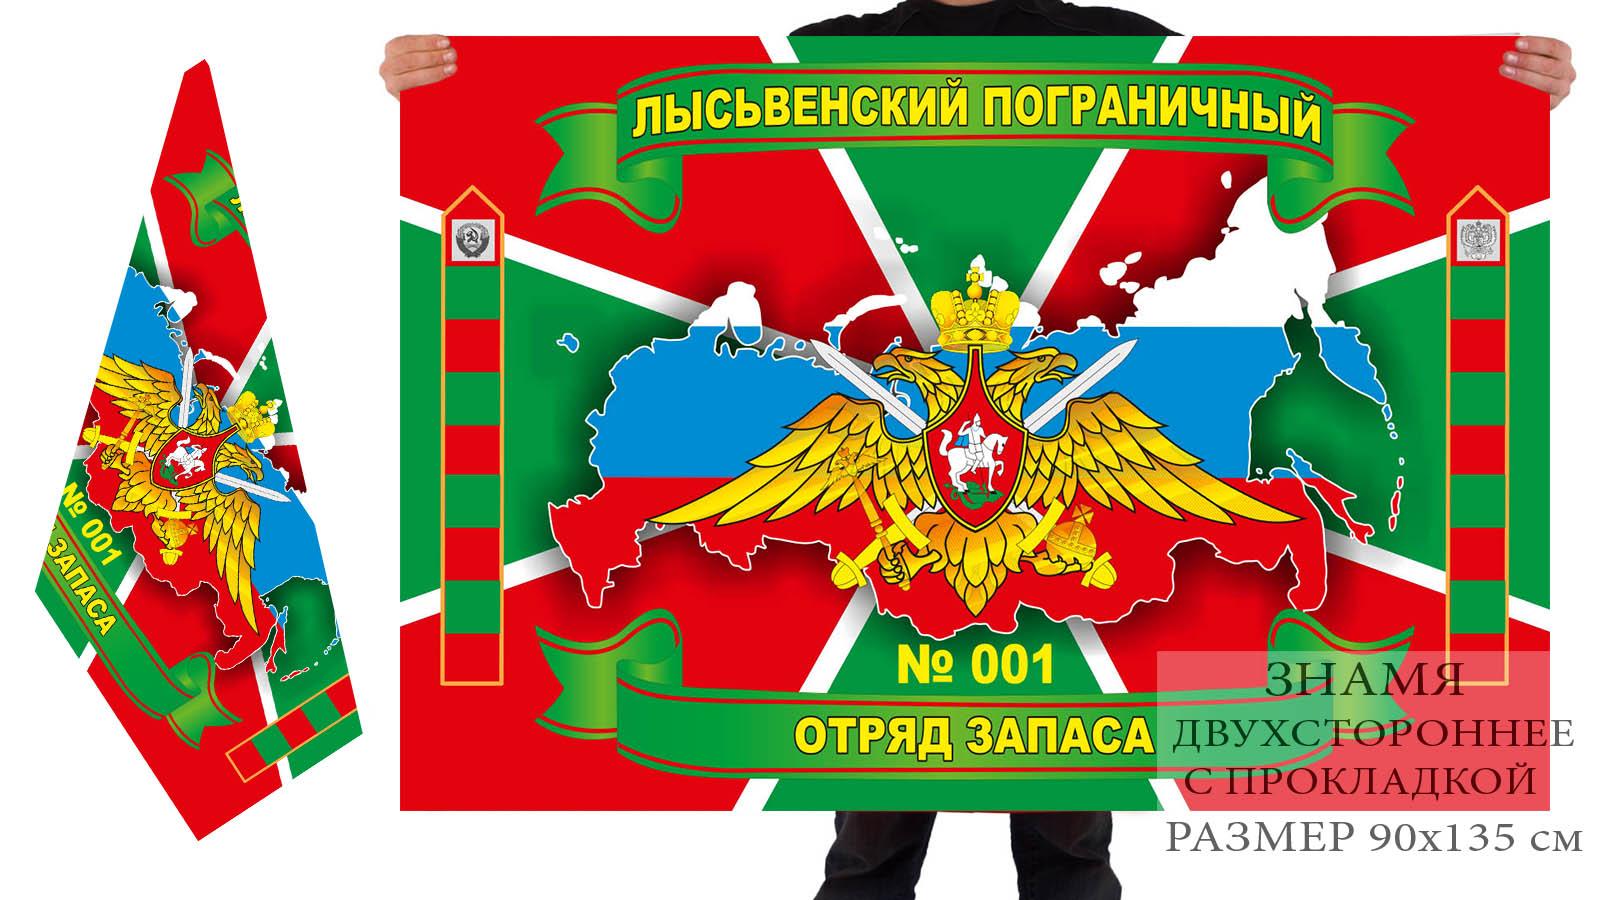 Двусторонний флаг Лысьвенского пограничного отряда запаса